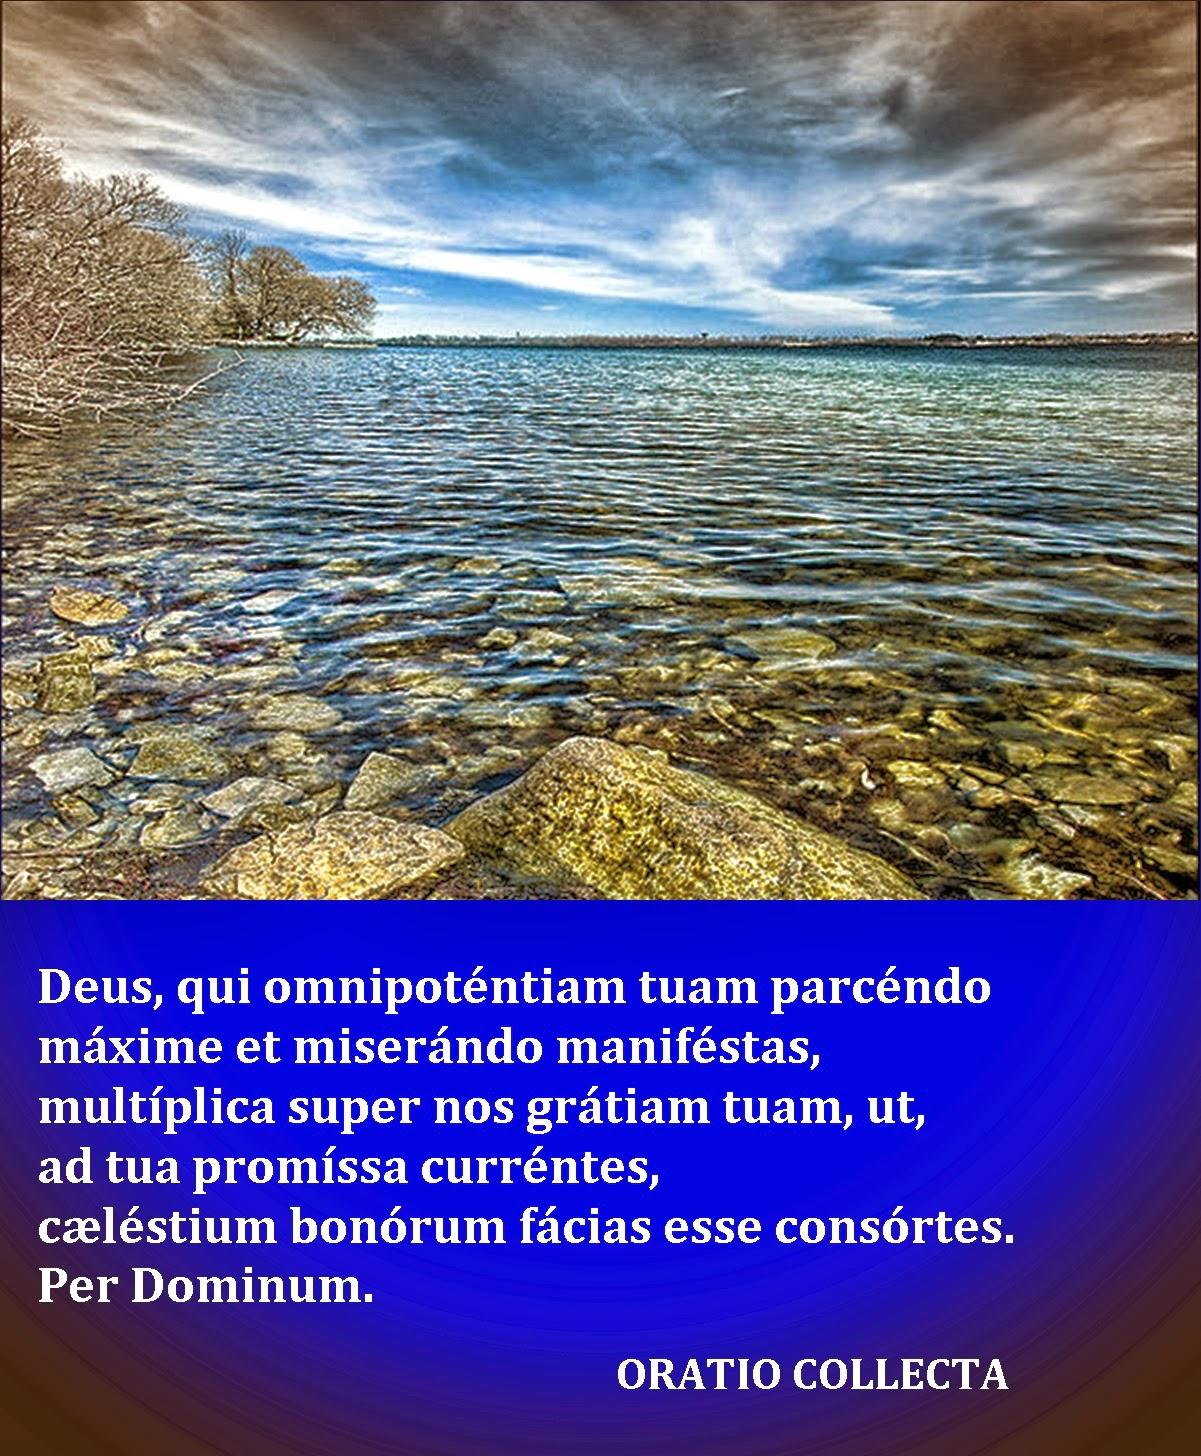 Caelestium - Caelestium